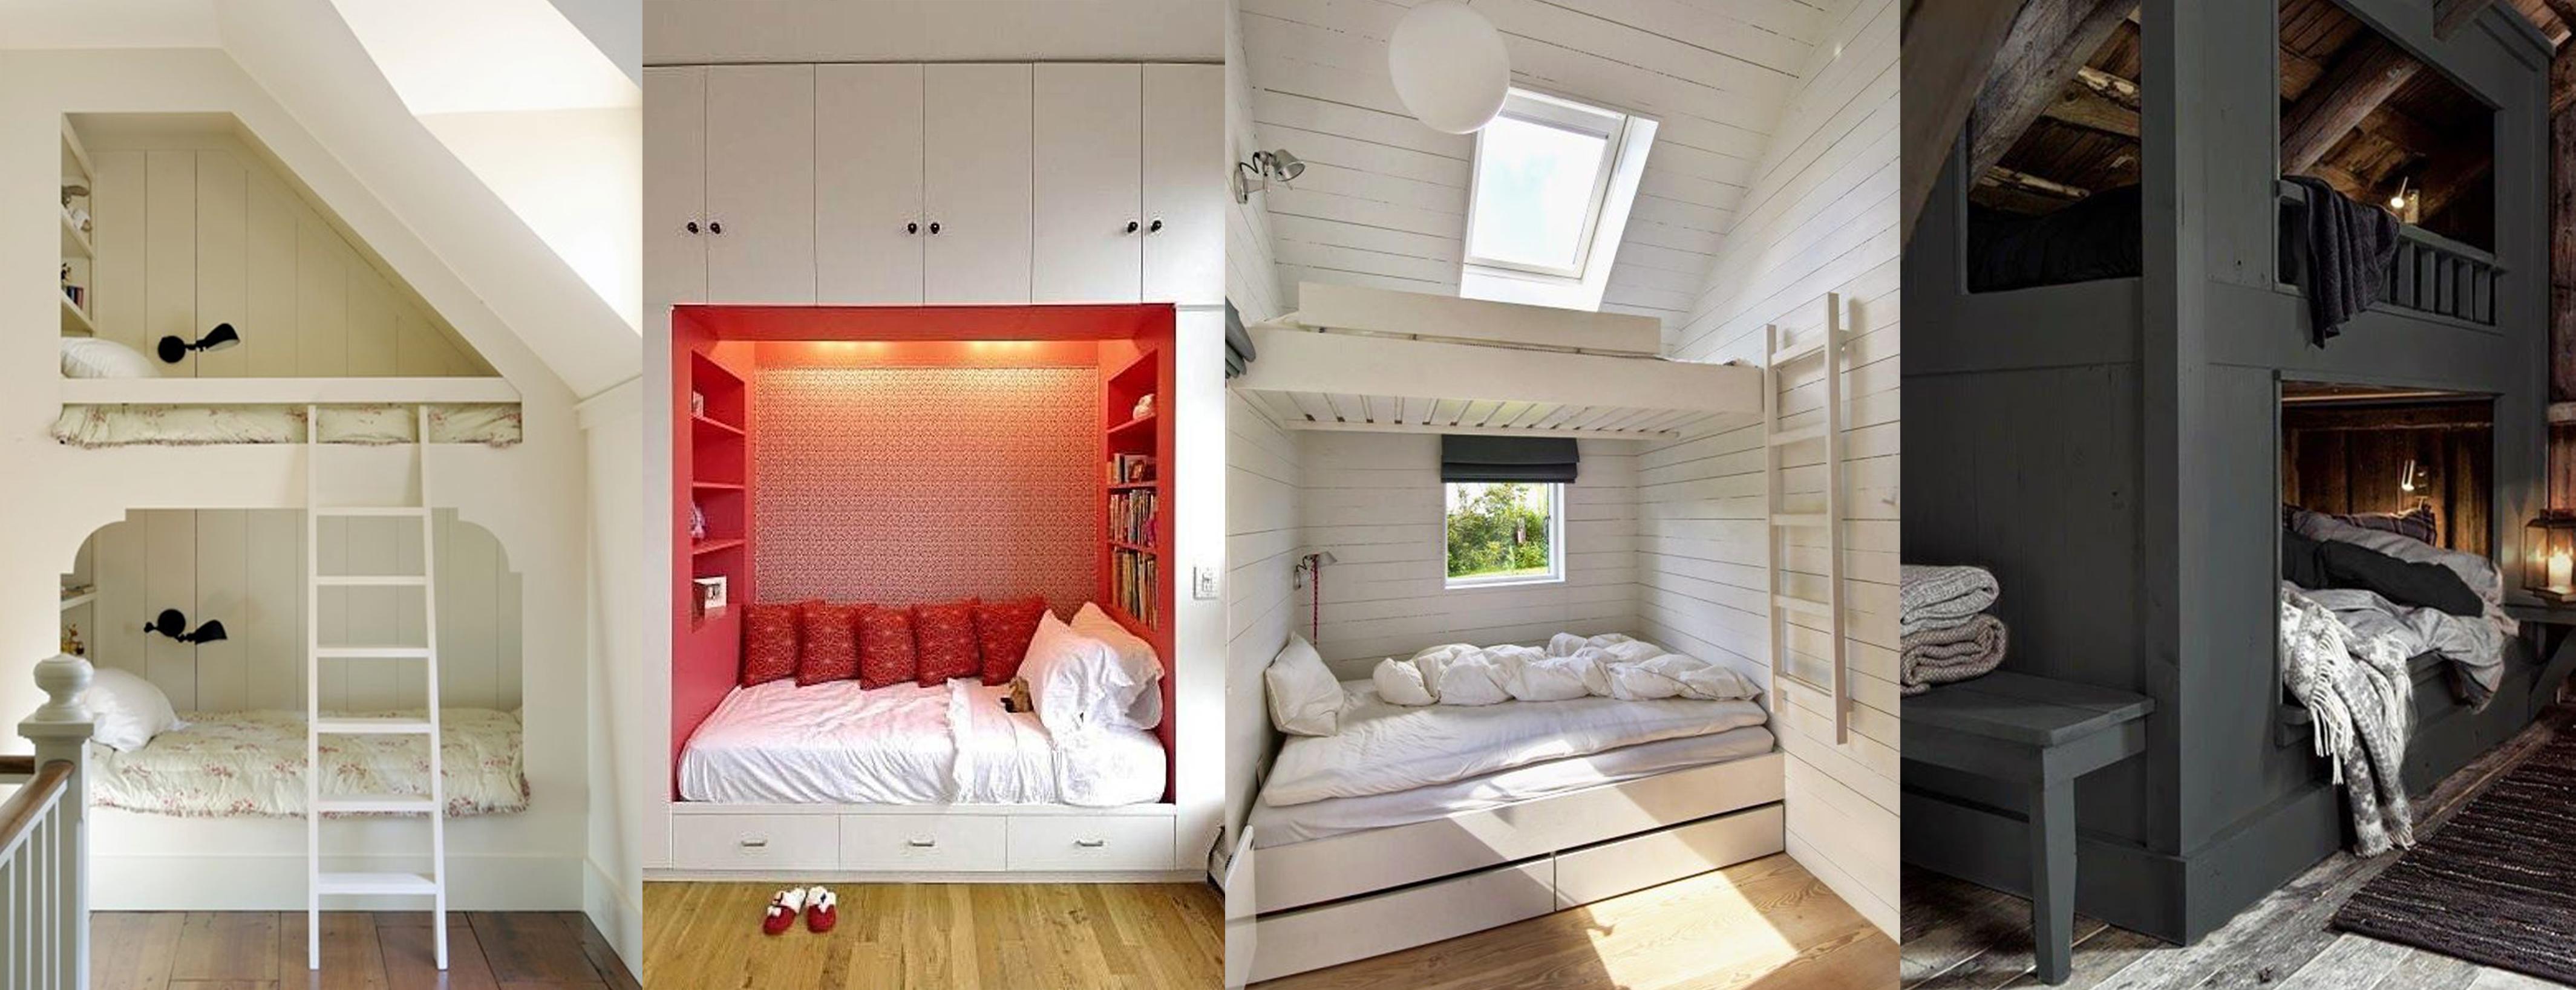 slaapkamer op maat interieurbouw, ensuite, inloopkast, hengelo ...